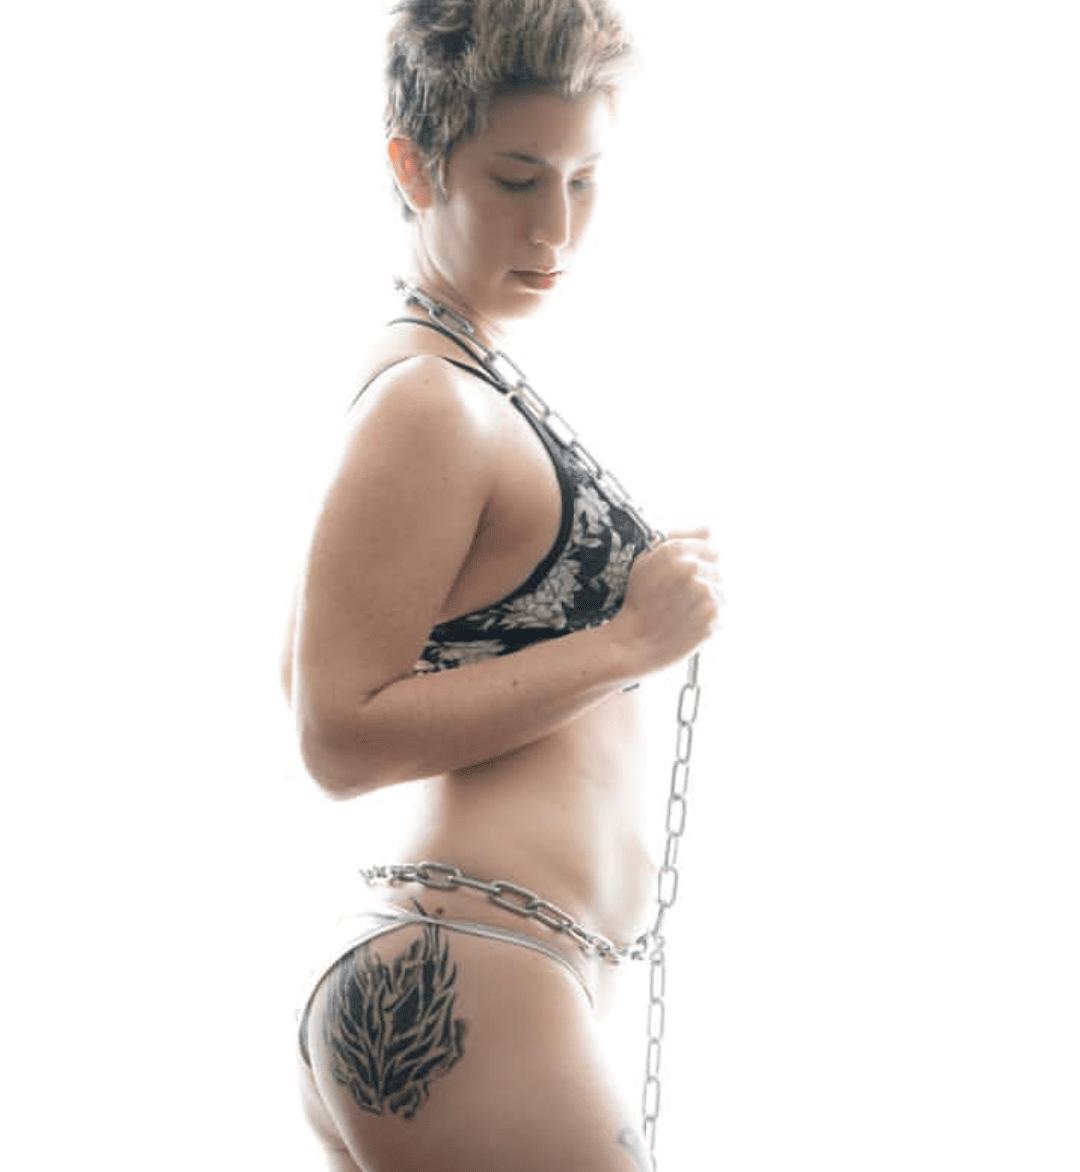 Leah female stripper